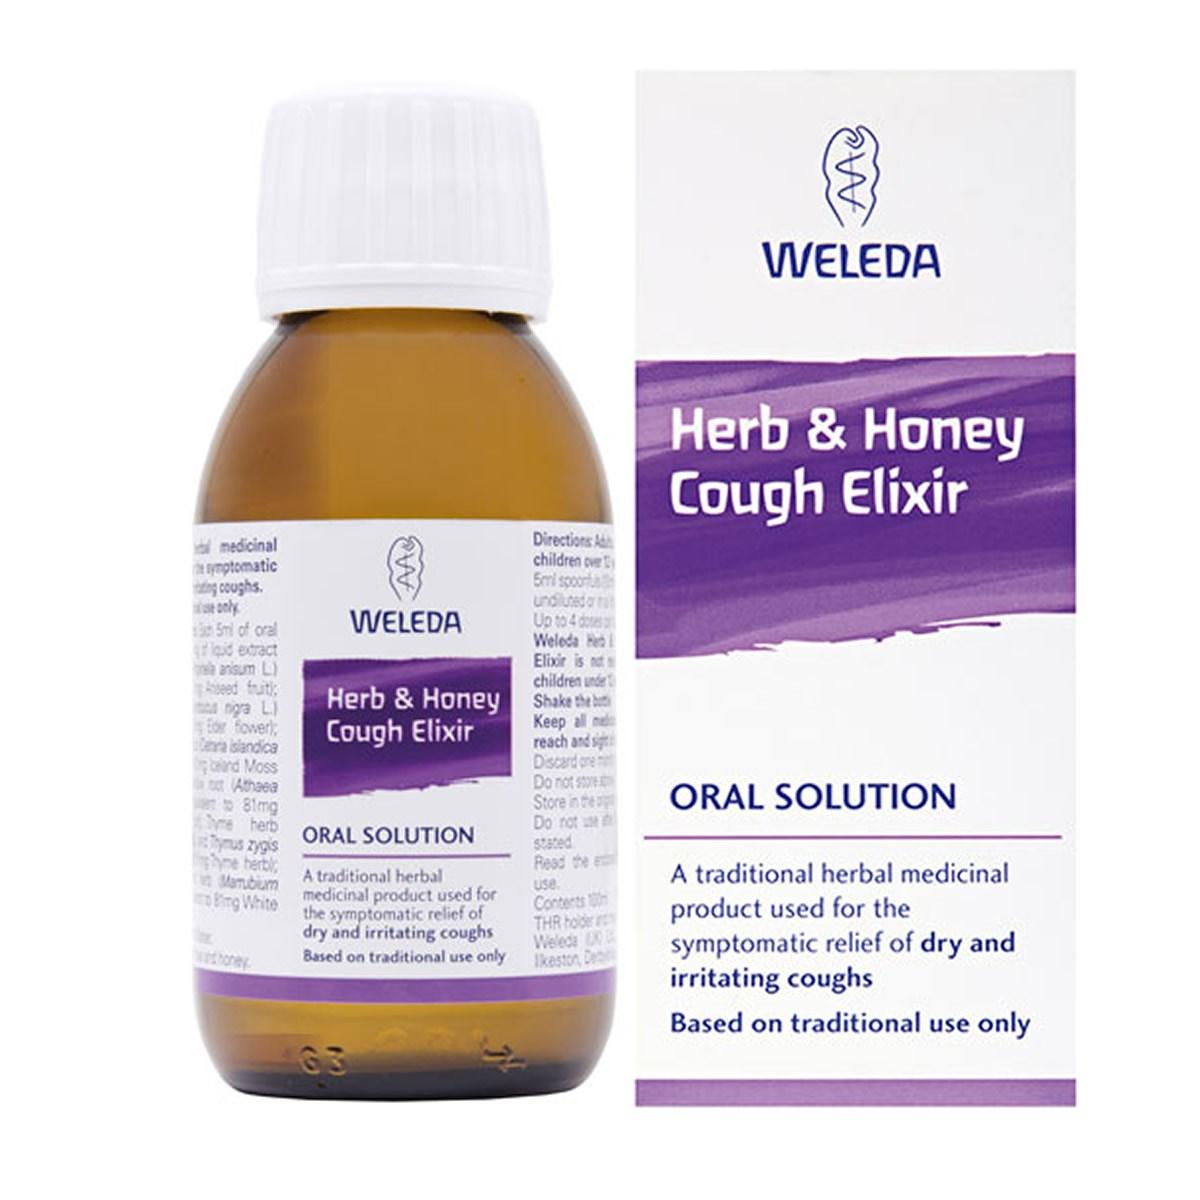 Weleda Herb & Honey Cough Elixir